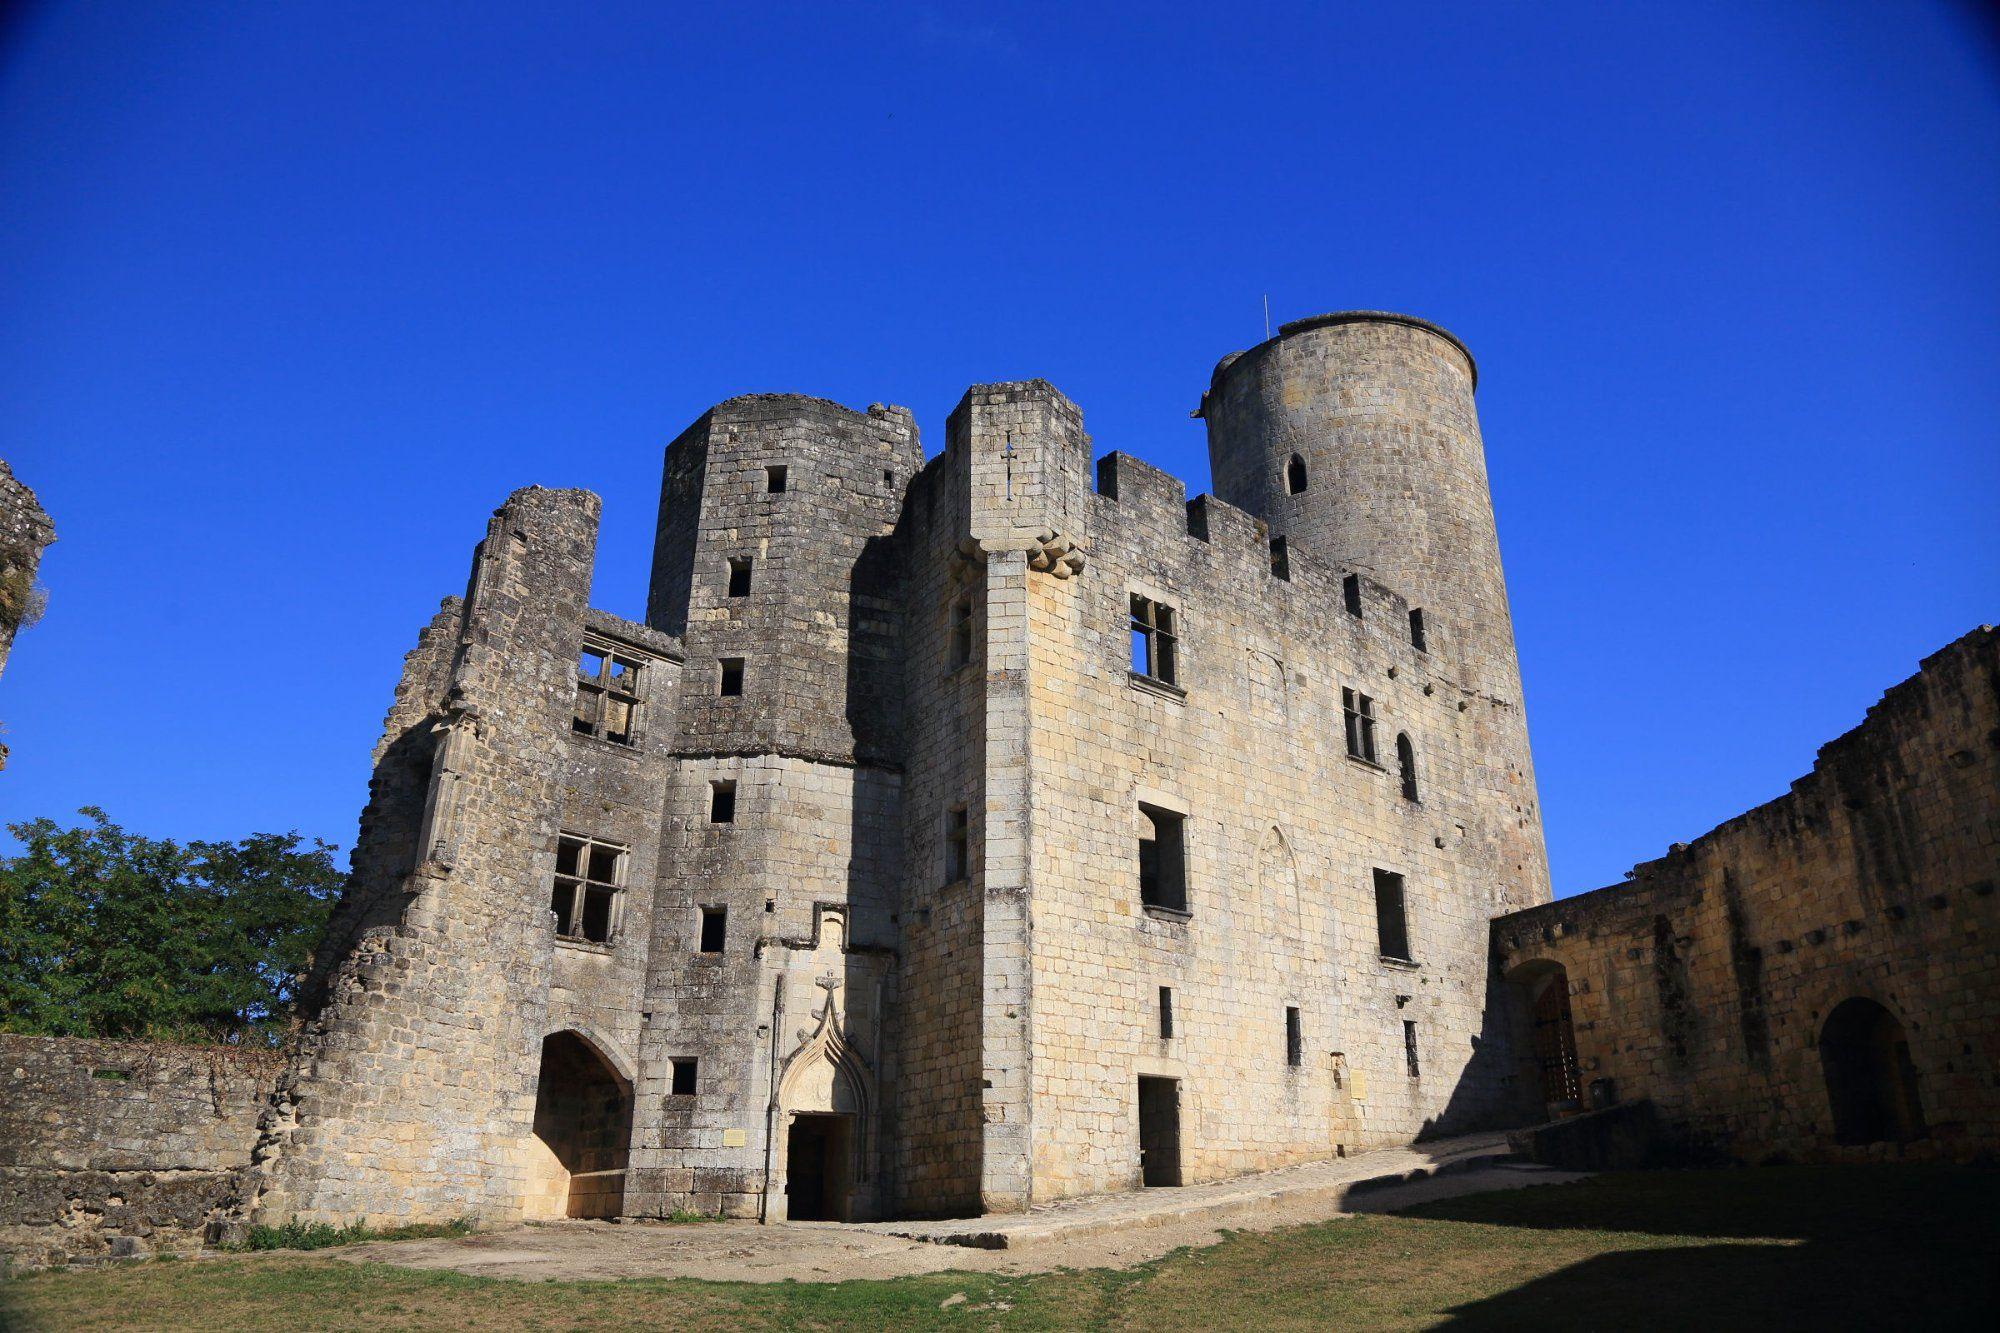 (Gironde) Château de Rauzan (XIIIe siècle). Édifié par